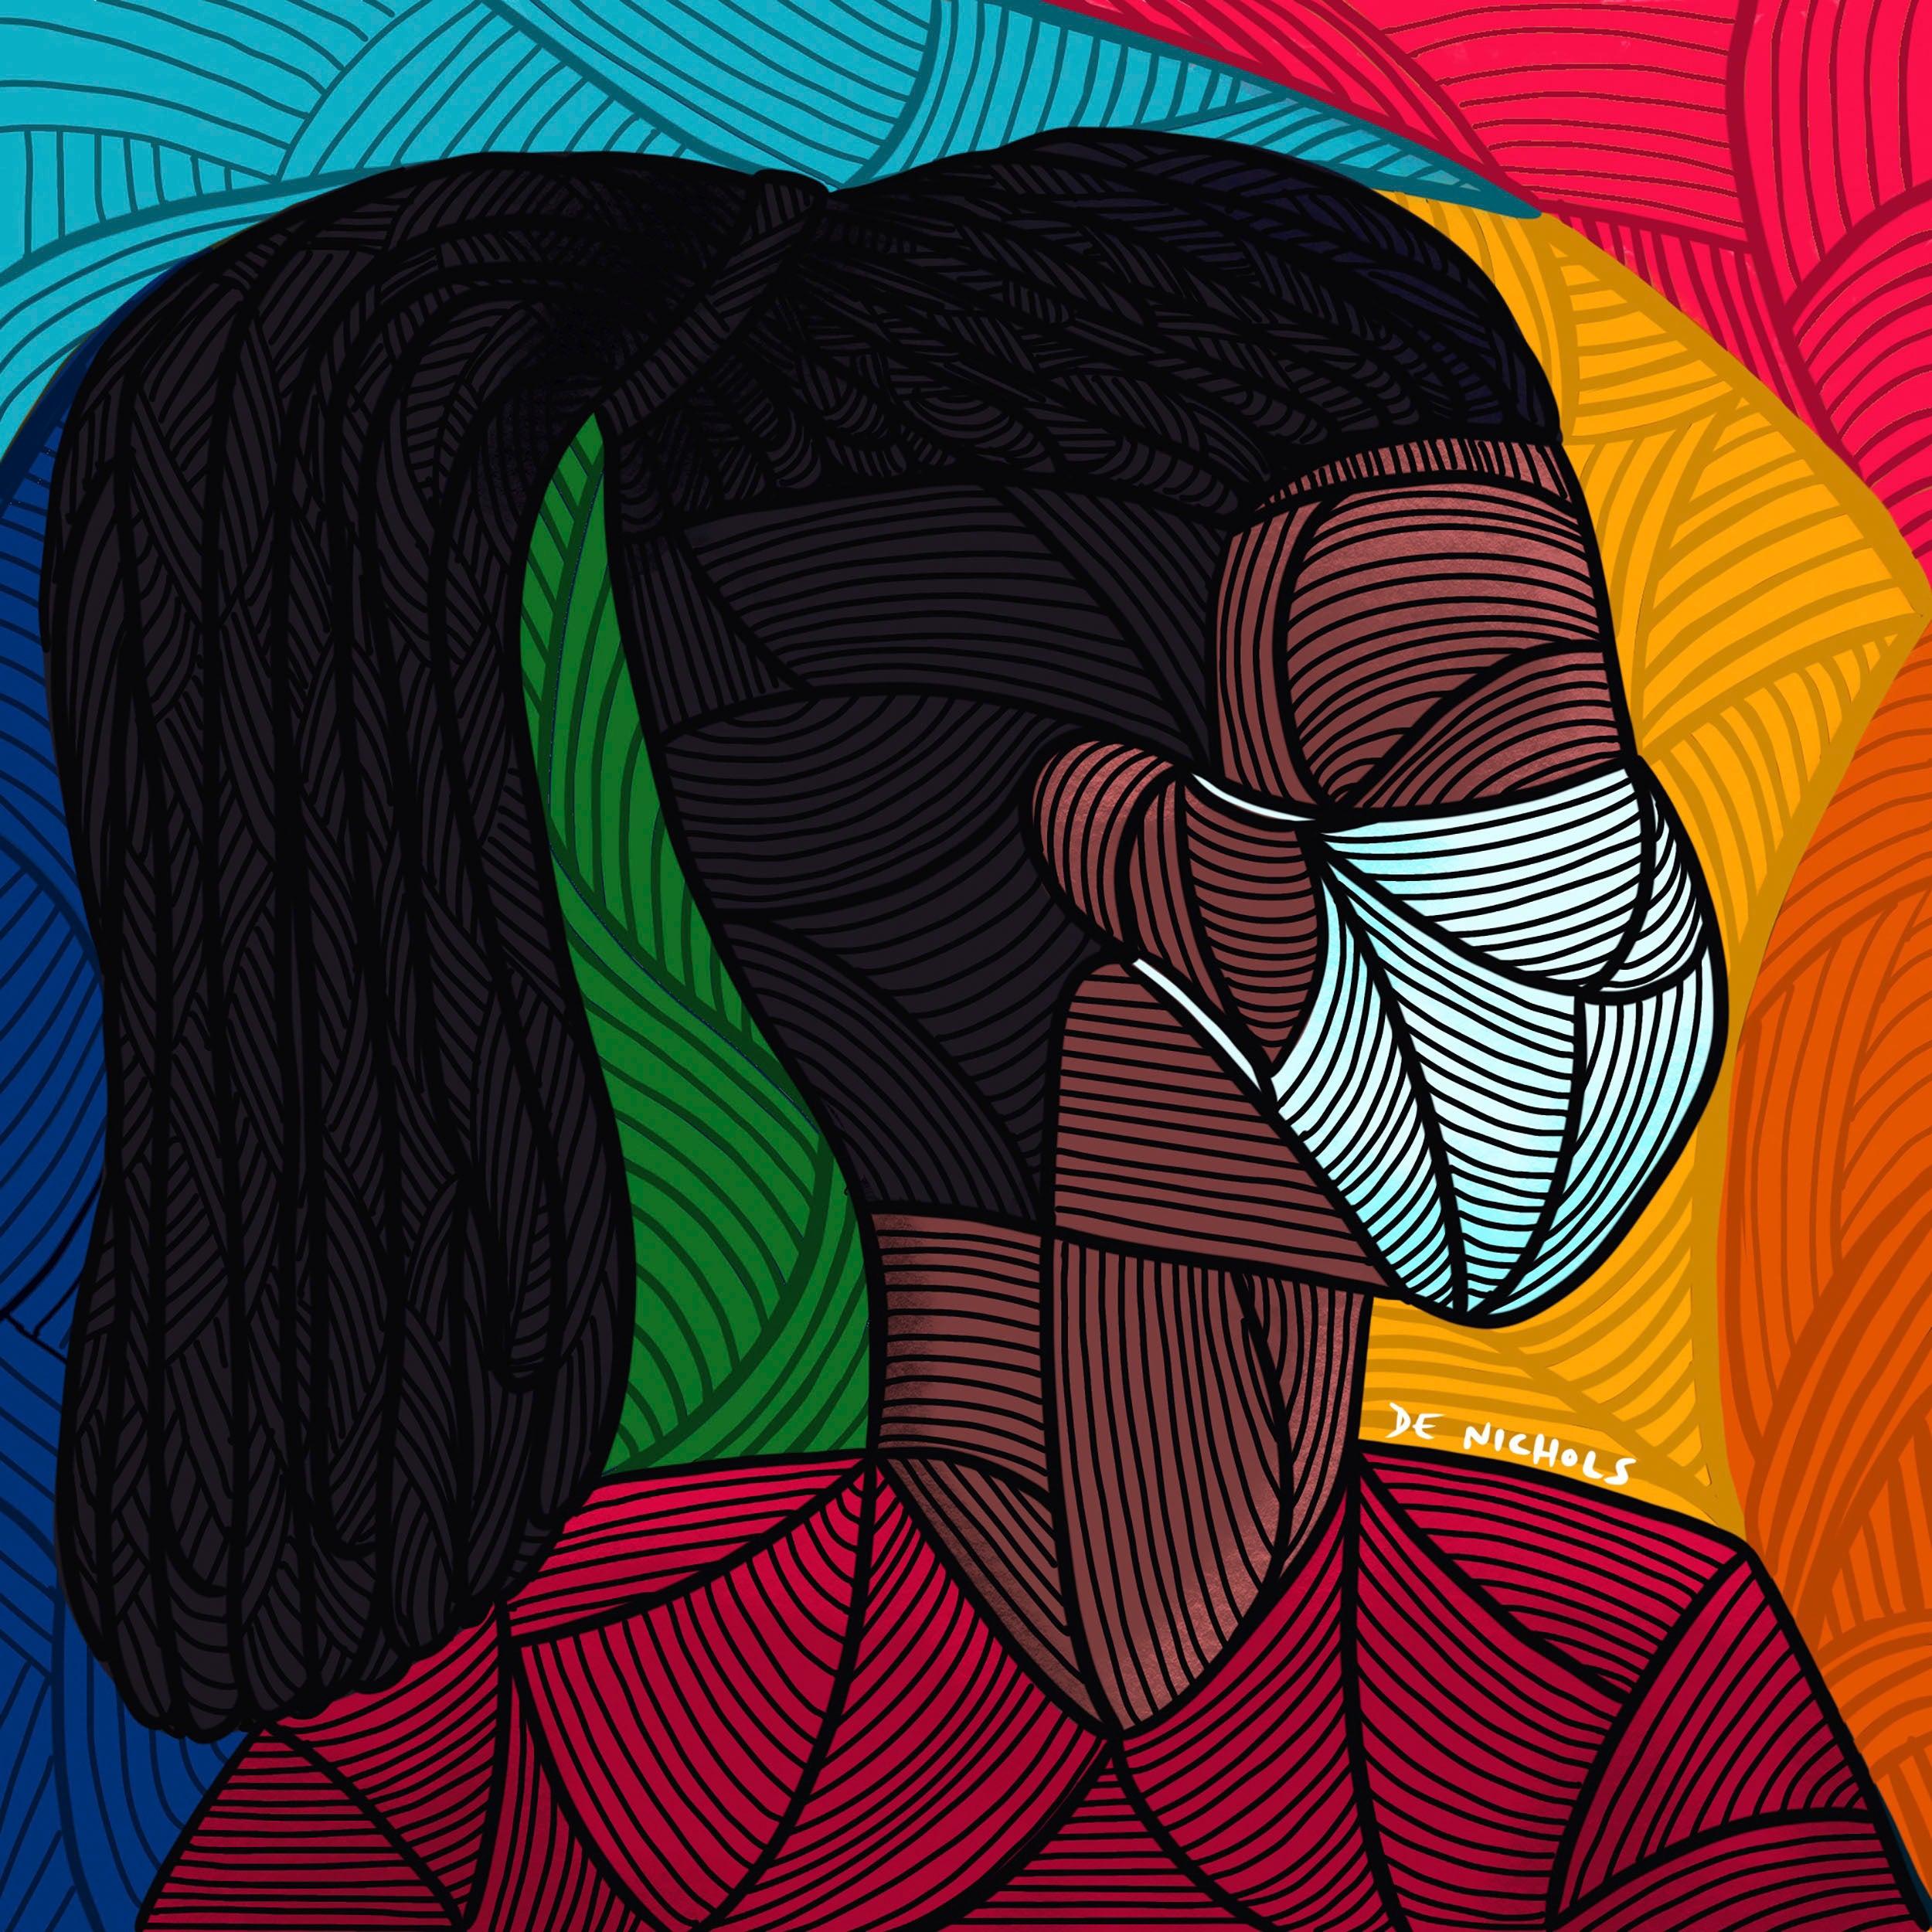 """""""Untitled Self Portrait"""" by De Nichols. Colorful portrait of person wearing mask."""